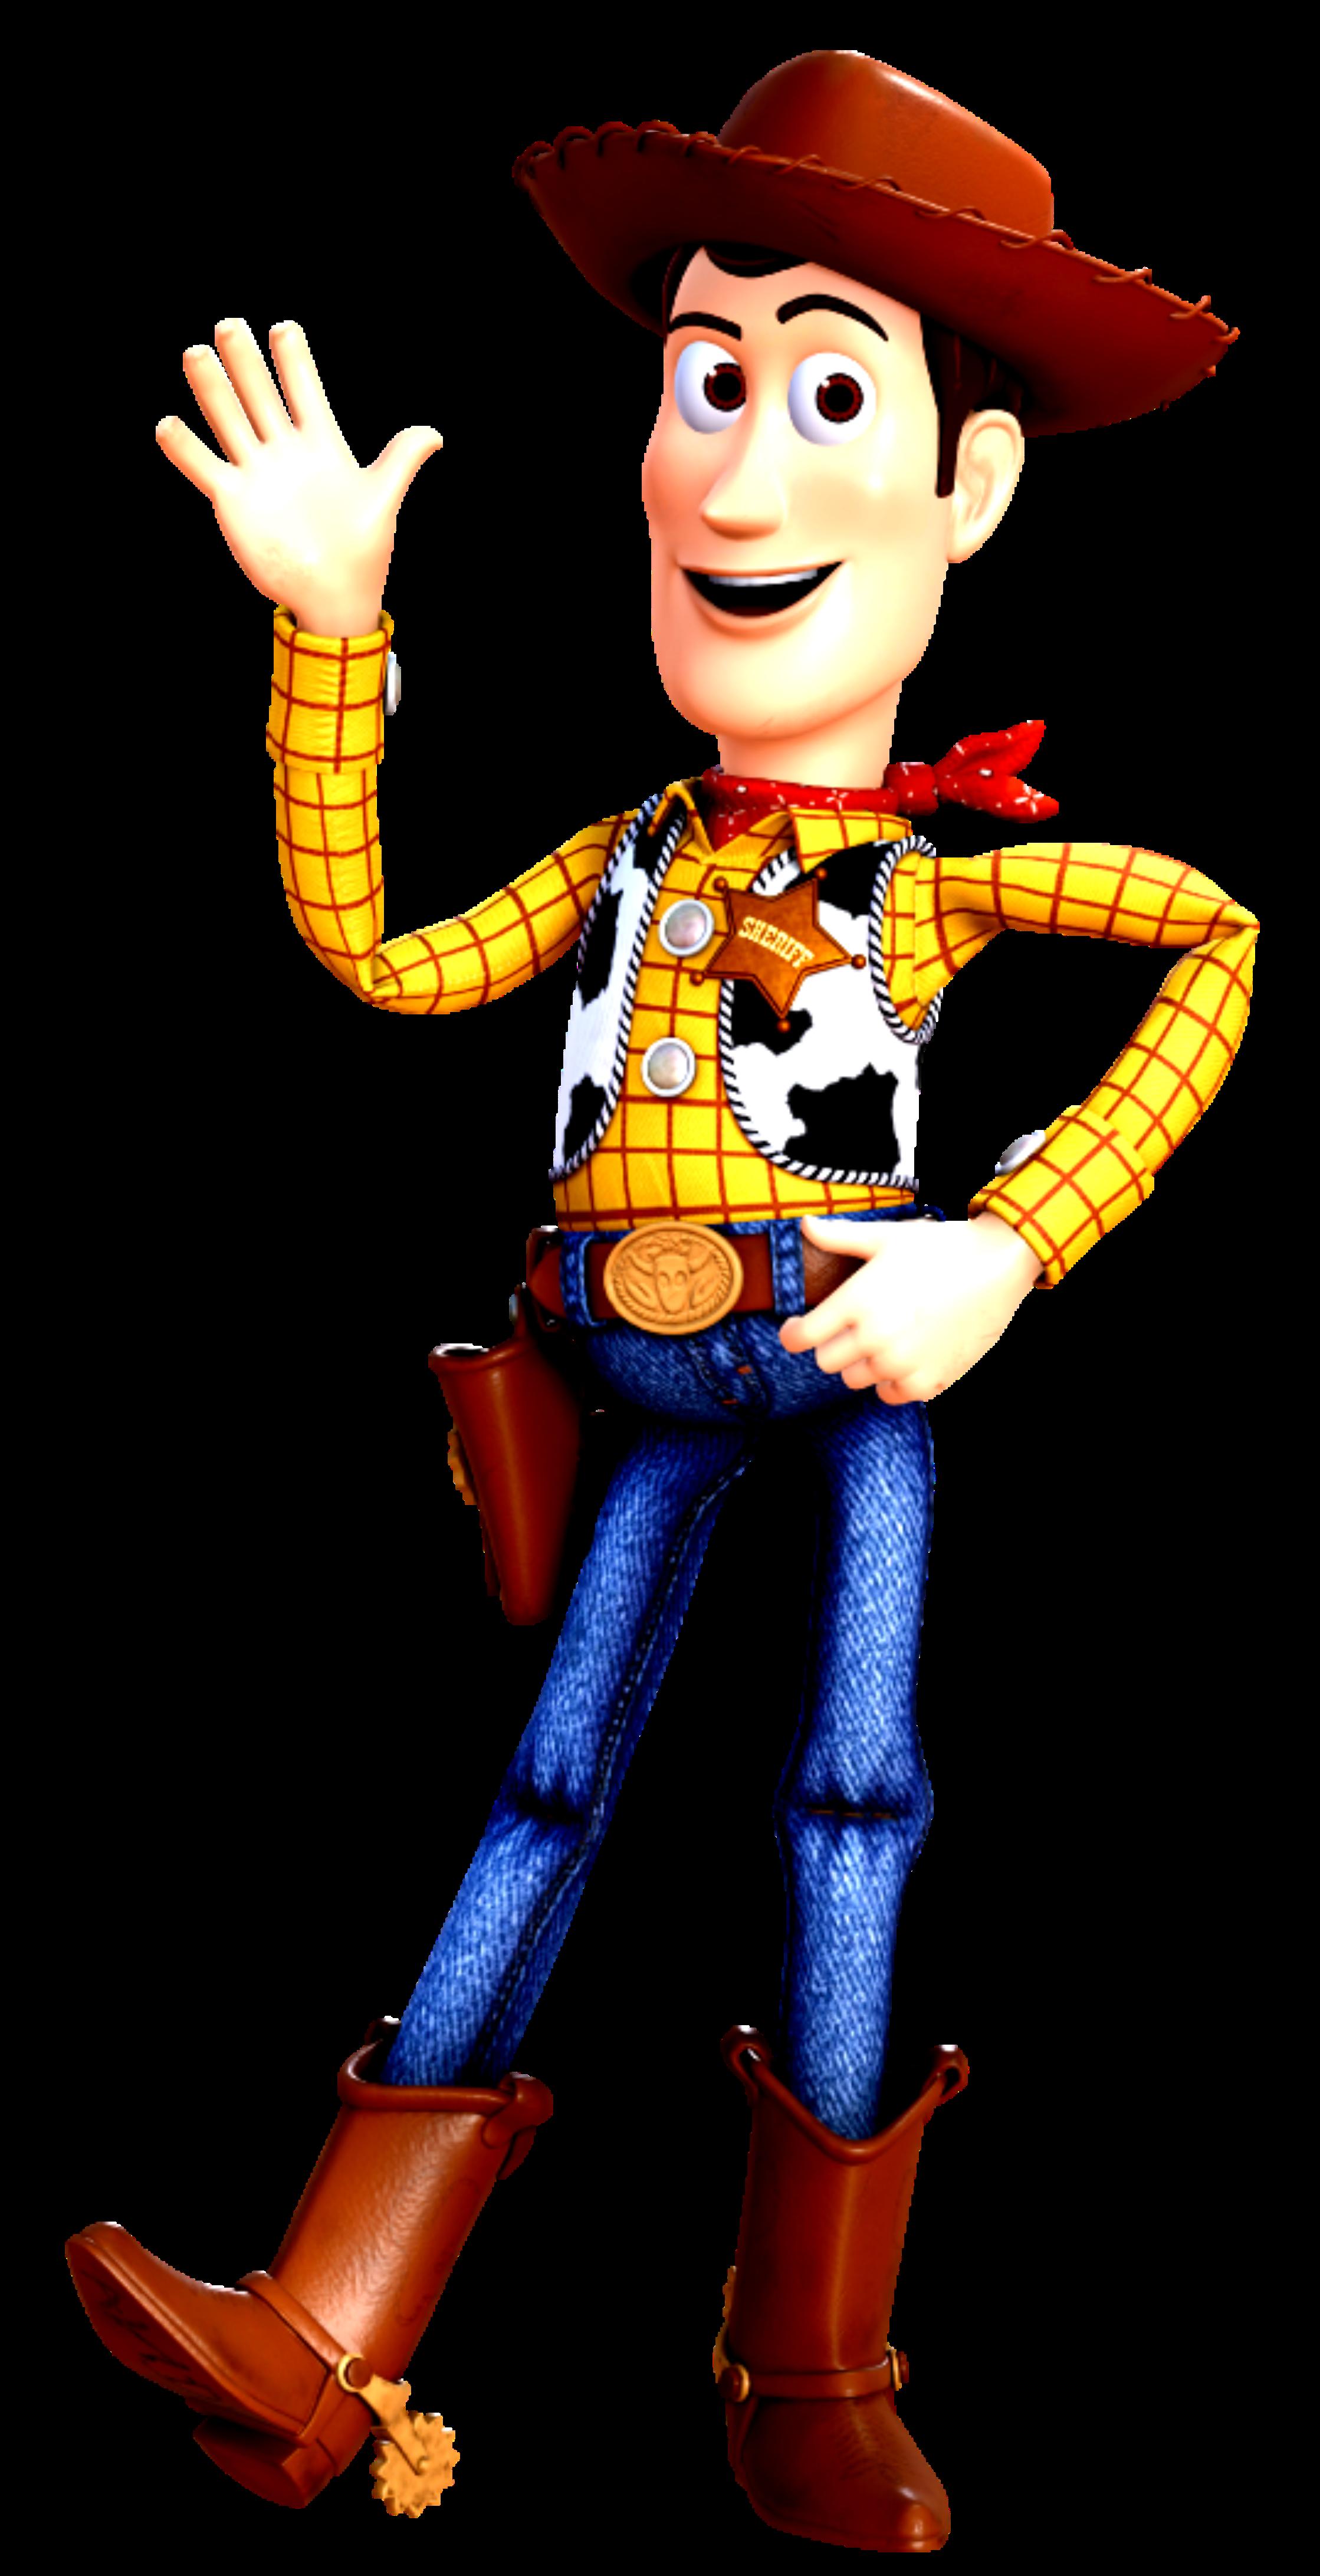 ปักพินโดย Goldenbells ใน Woody Toy Story ในปี 2020